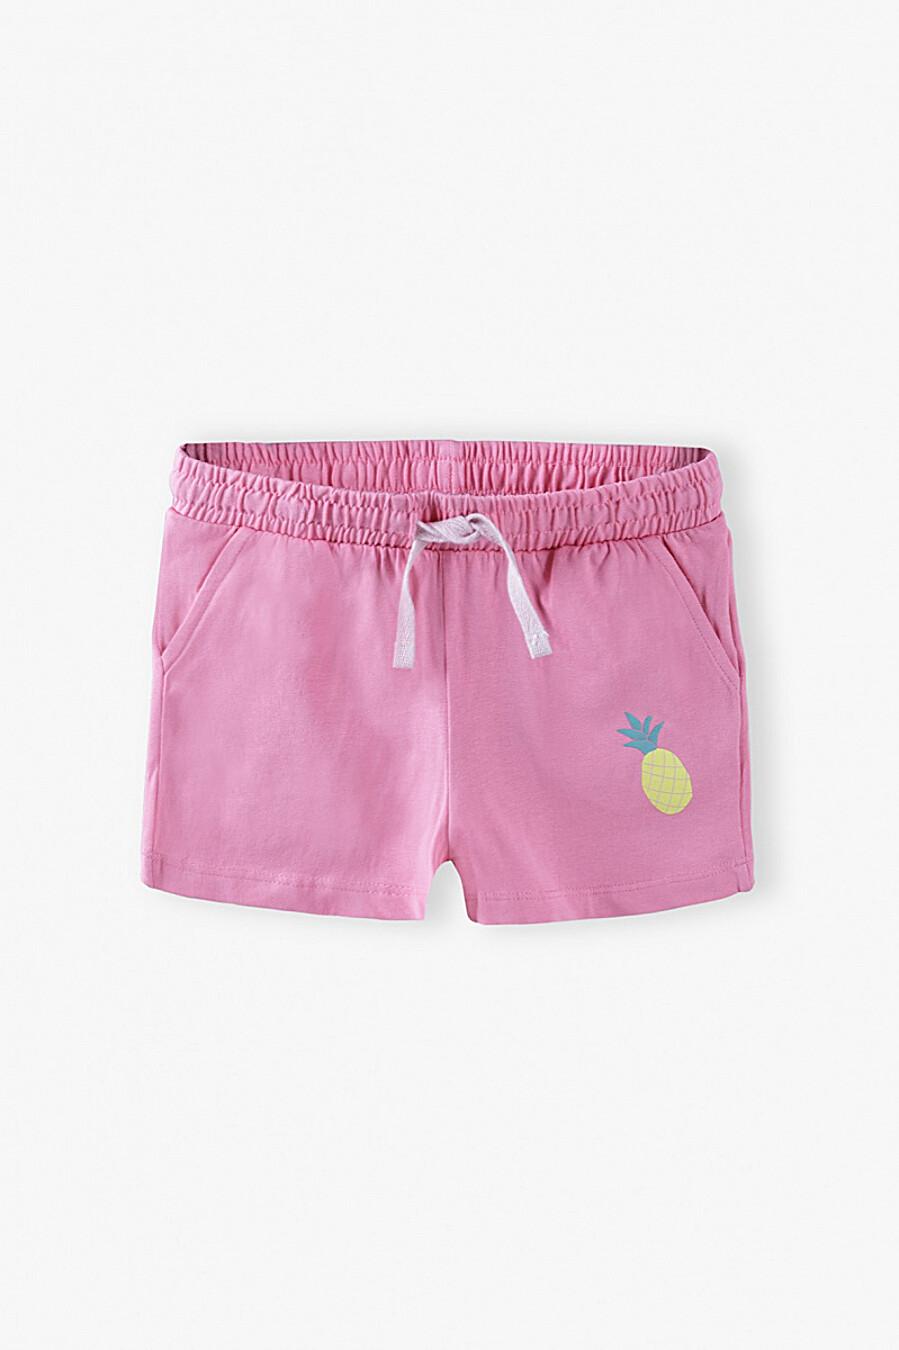 Шорты для девочек 5.10.15 668595 купить оптом от производителя. Совместная покупка детской одежды в OptMoyo